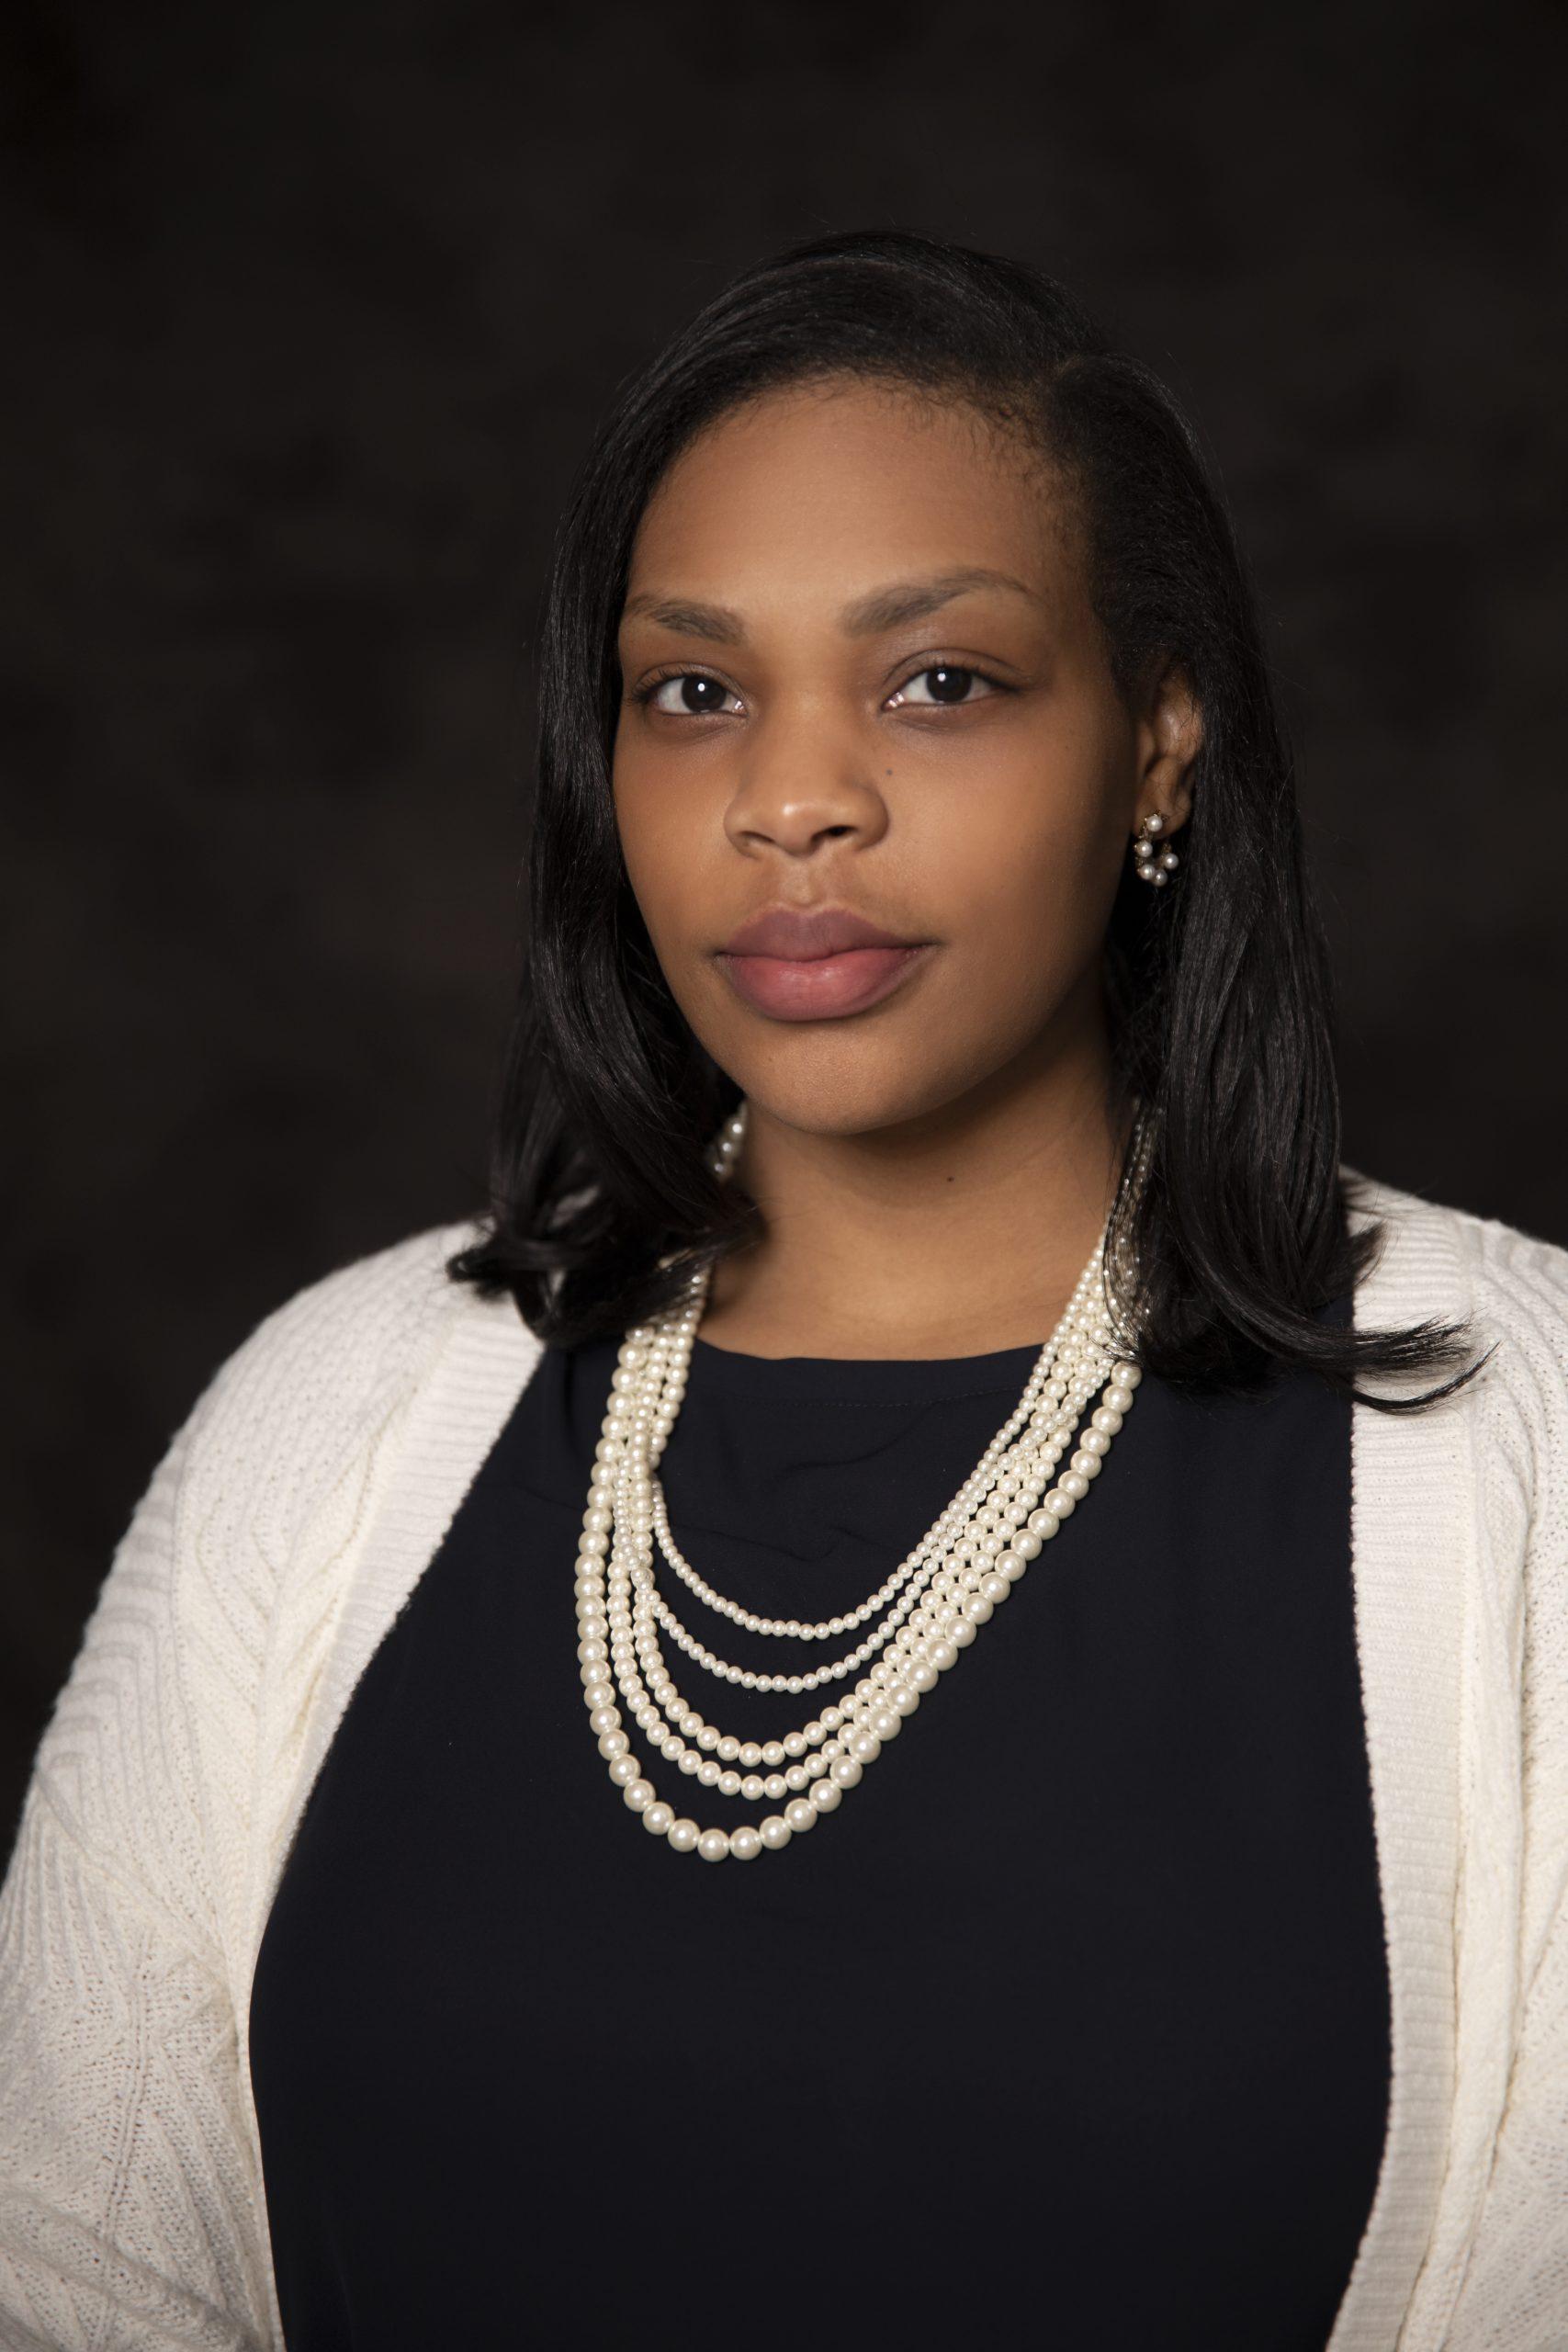 Dr. Tamora McConnell